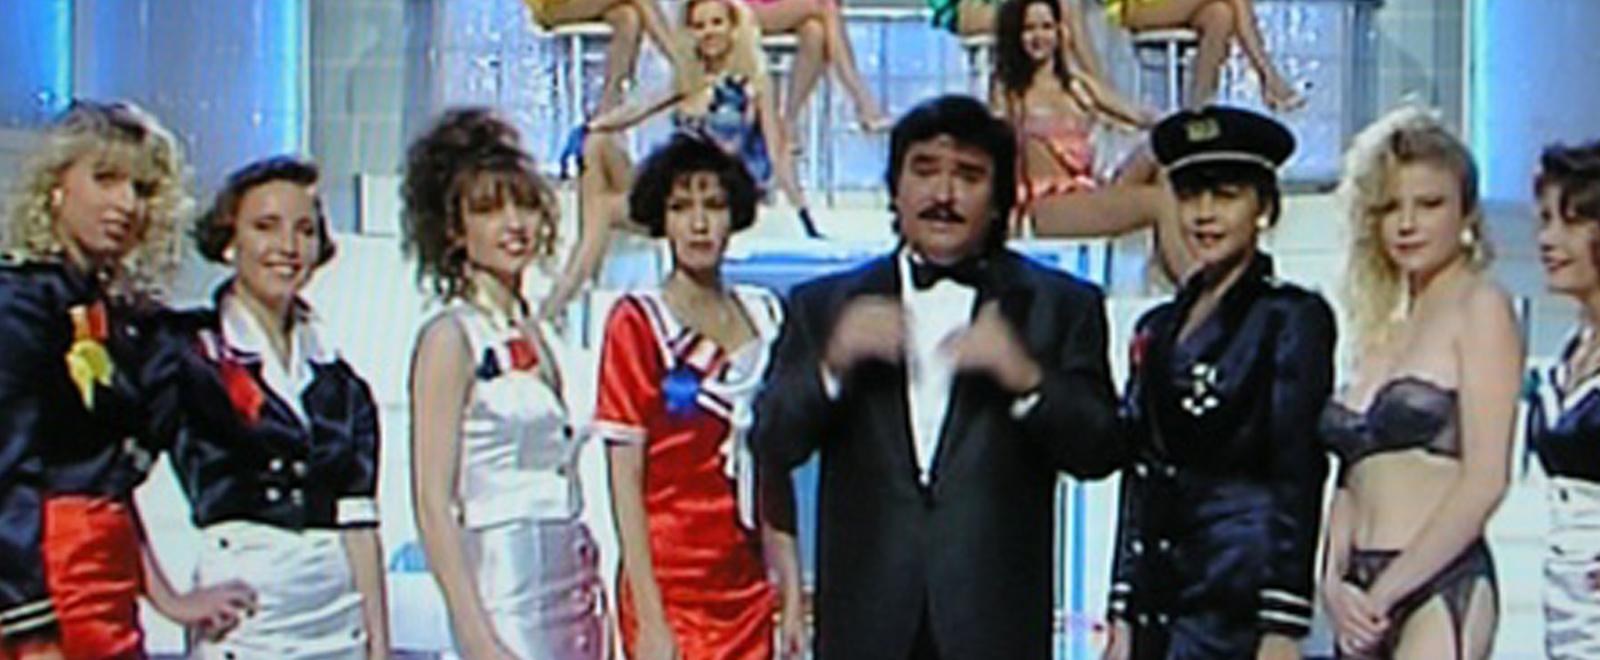 Colpo grosso '90-91/sexy game al